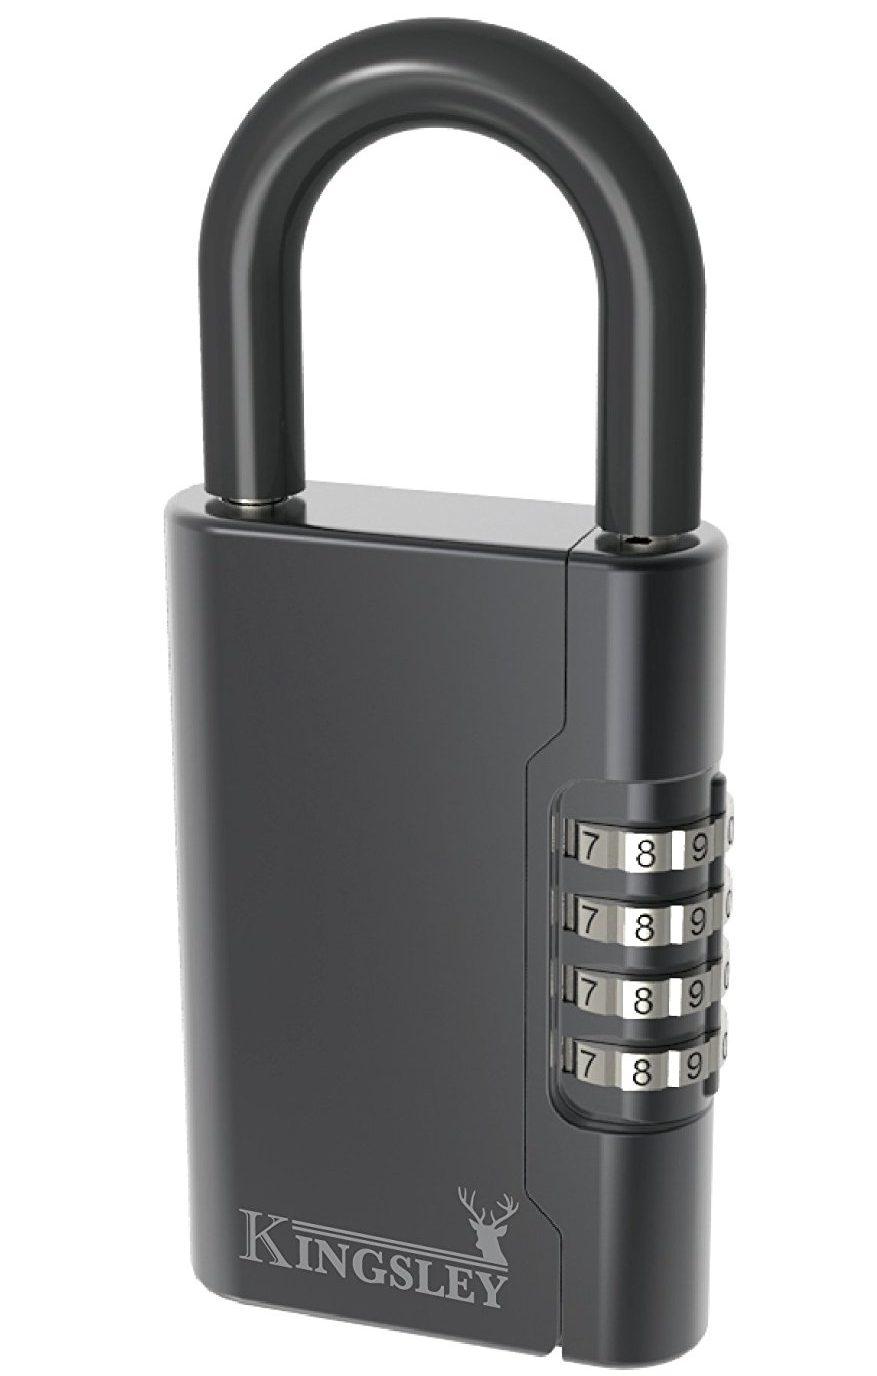 Kingsley Guard-a-Key realtor lock box